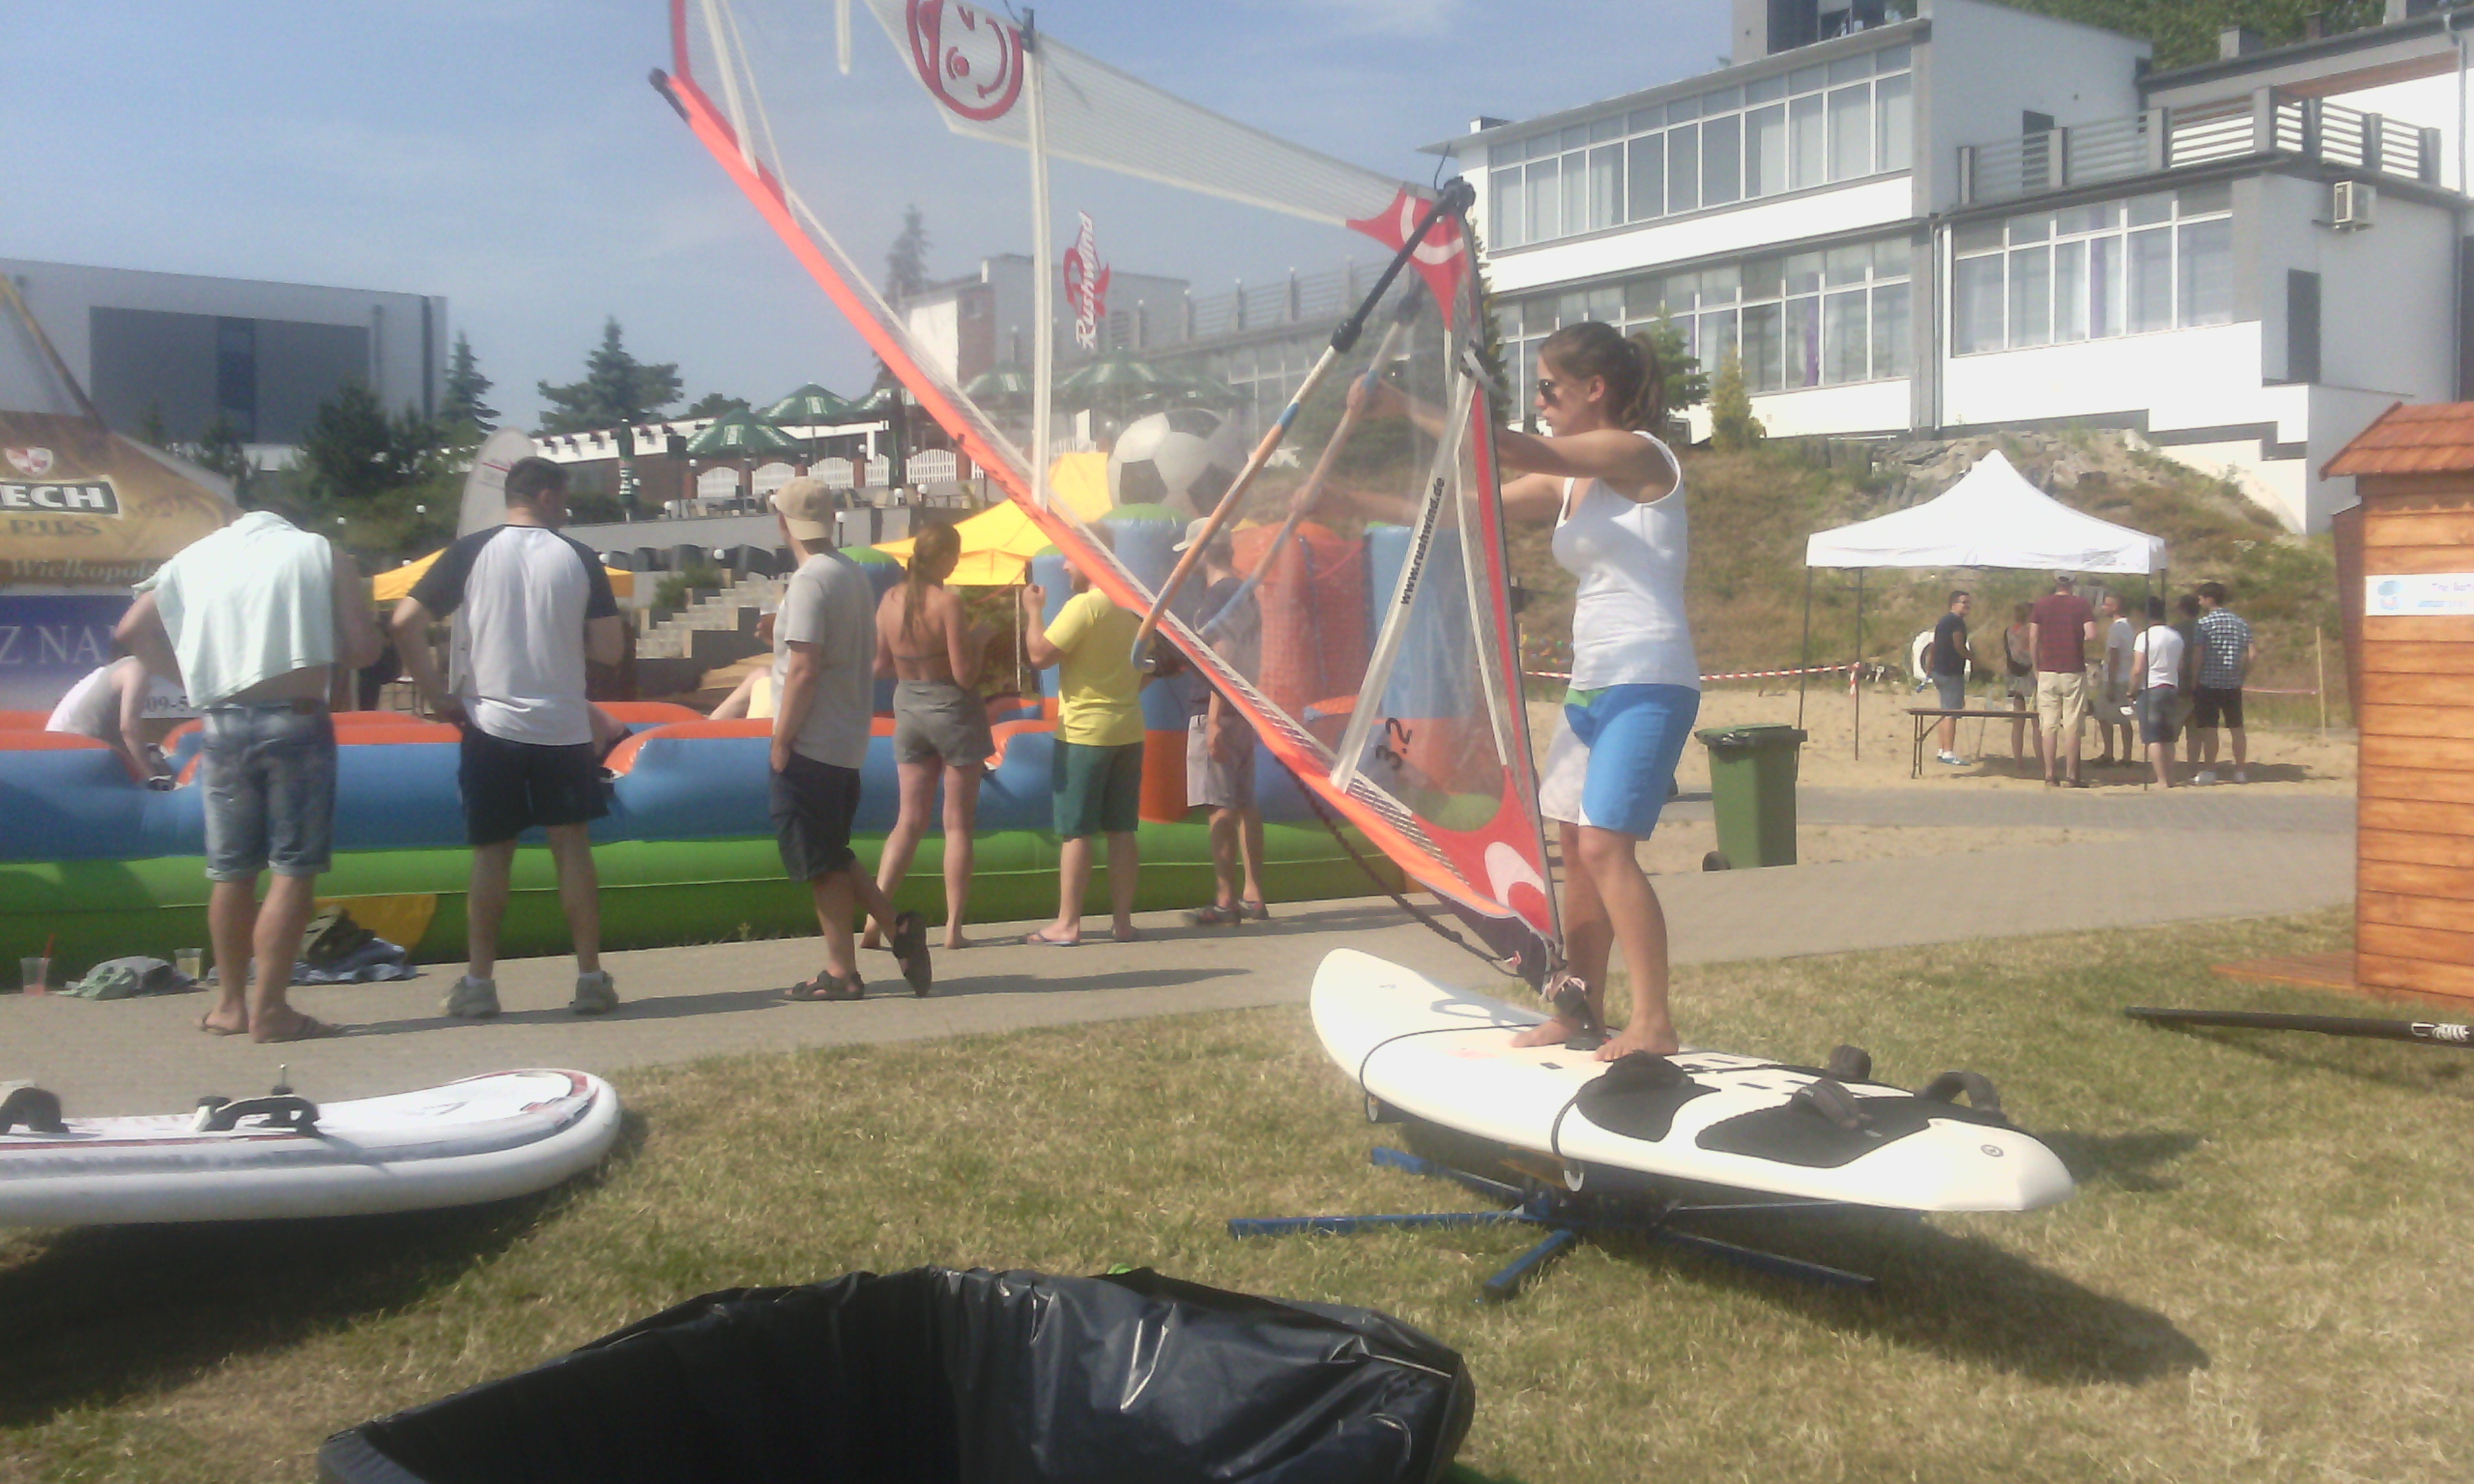 Wypożyczalnia symulatora windsurfing na eventy z Dobraintegracja.pl (8)